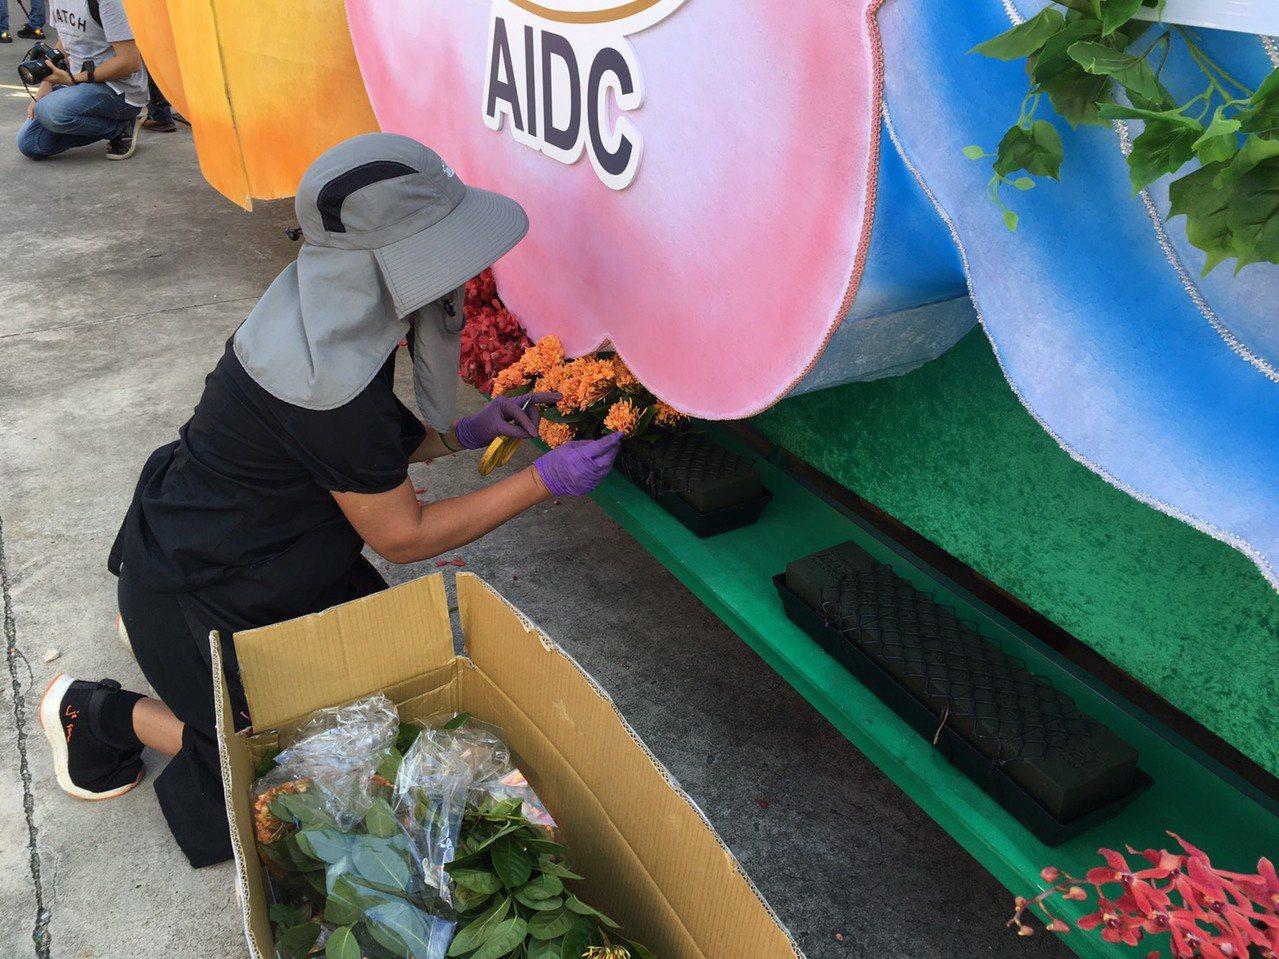 許多工作人員全副武裝戴著遮陽帽跟墨鏡,在烈日下趕工裝飾花車。記者吳姿賢/攝影